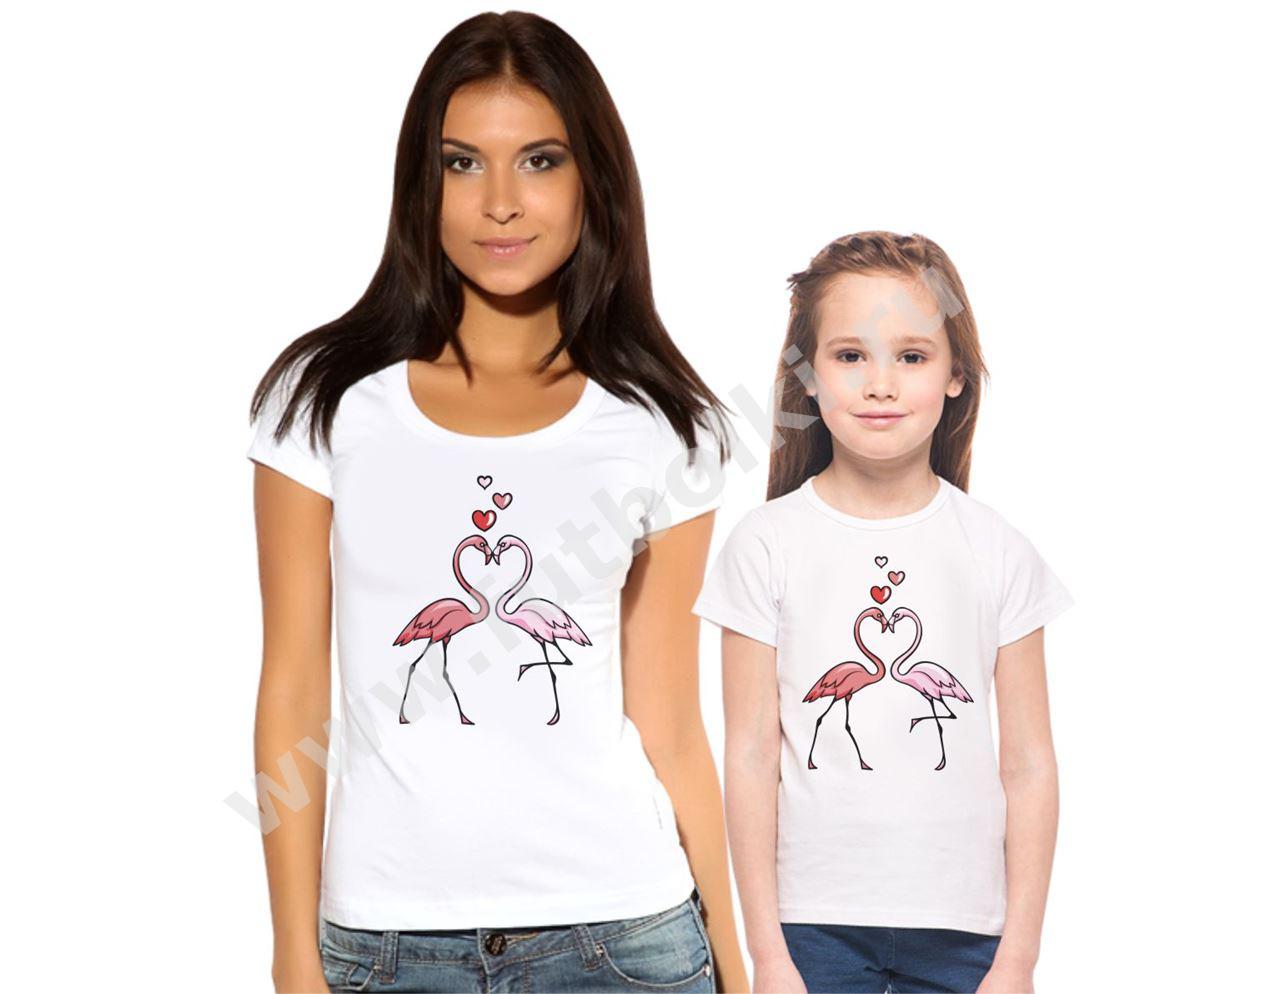 Футболки для мамы и дочки Розовые фламинго от 1 650 руб